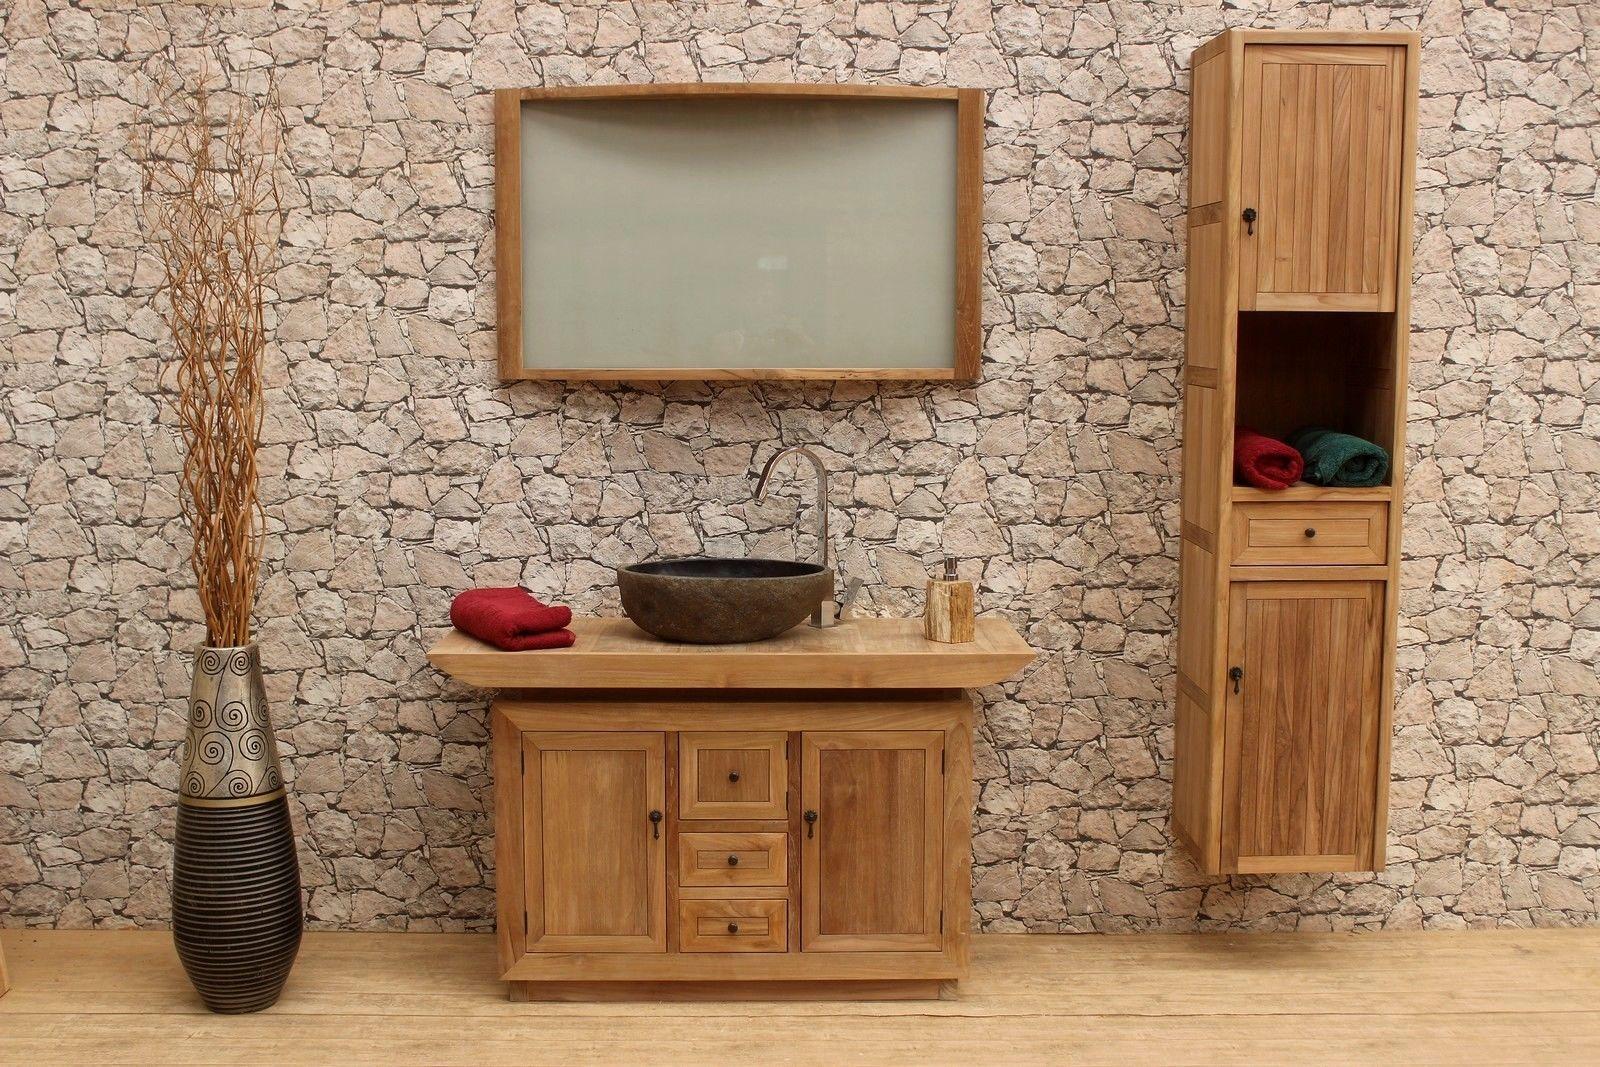 Badmobel Set Aus Teak Holz Bestehend Aus Einem Waschtisch Spiegel Und Hochschrank Teak Holz Teak Badmobel Set